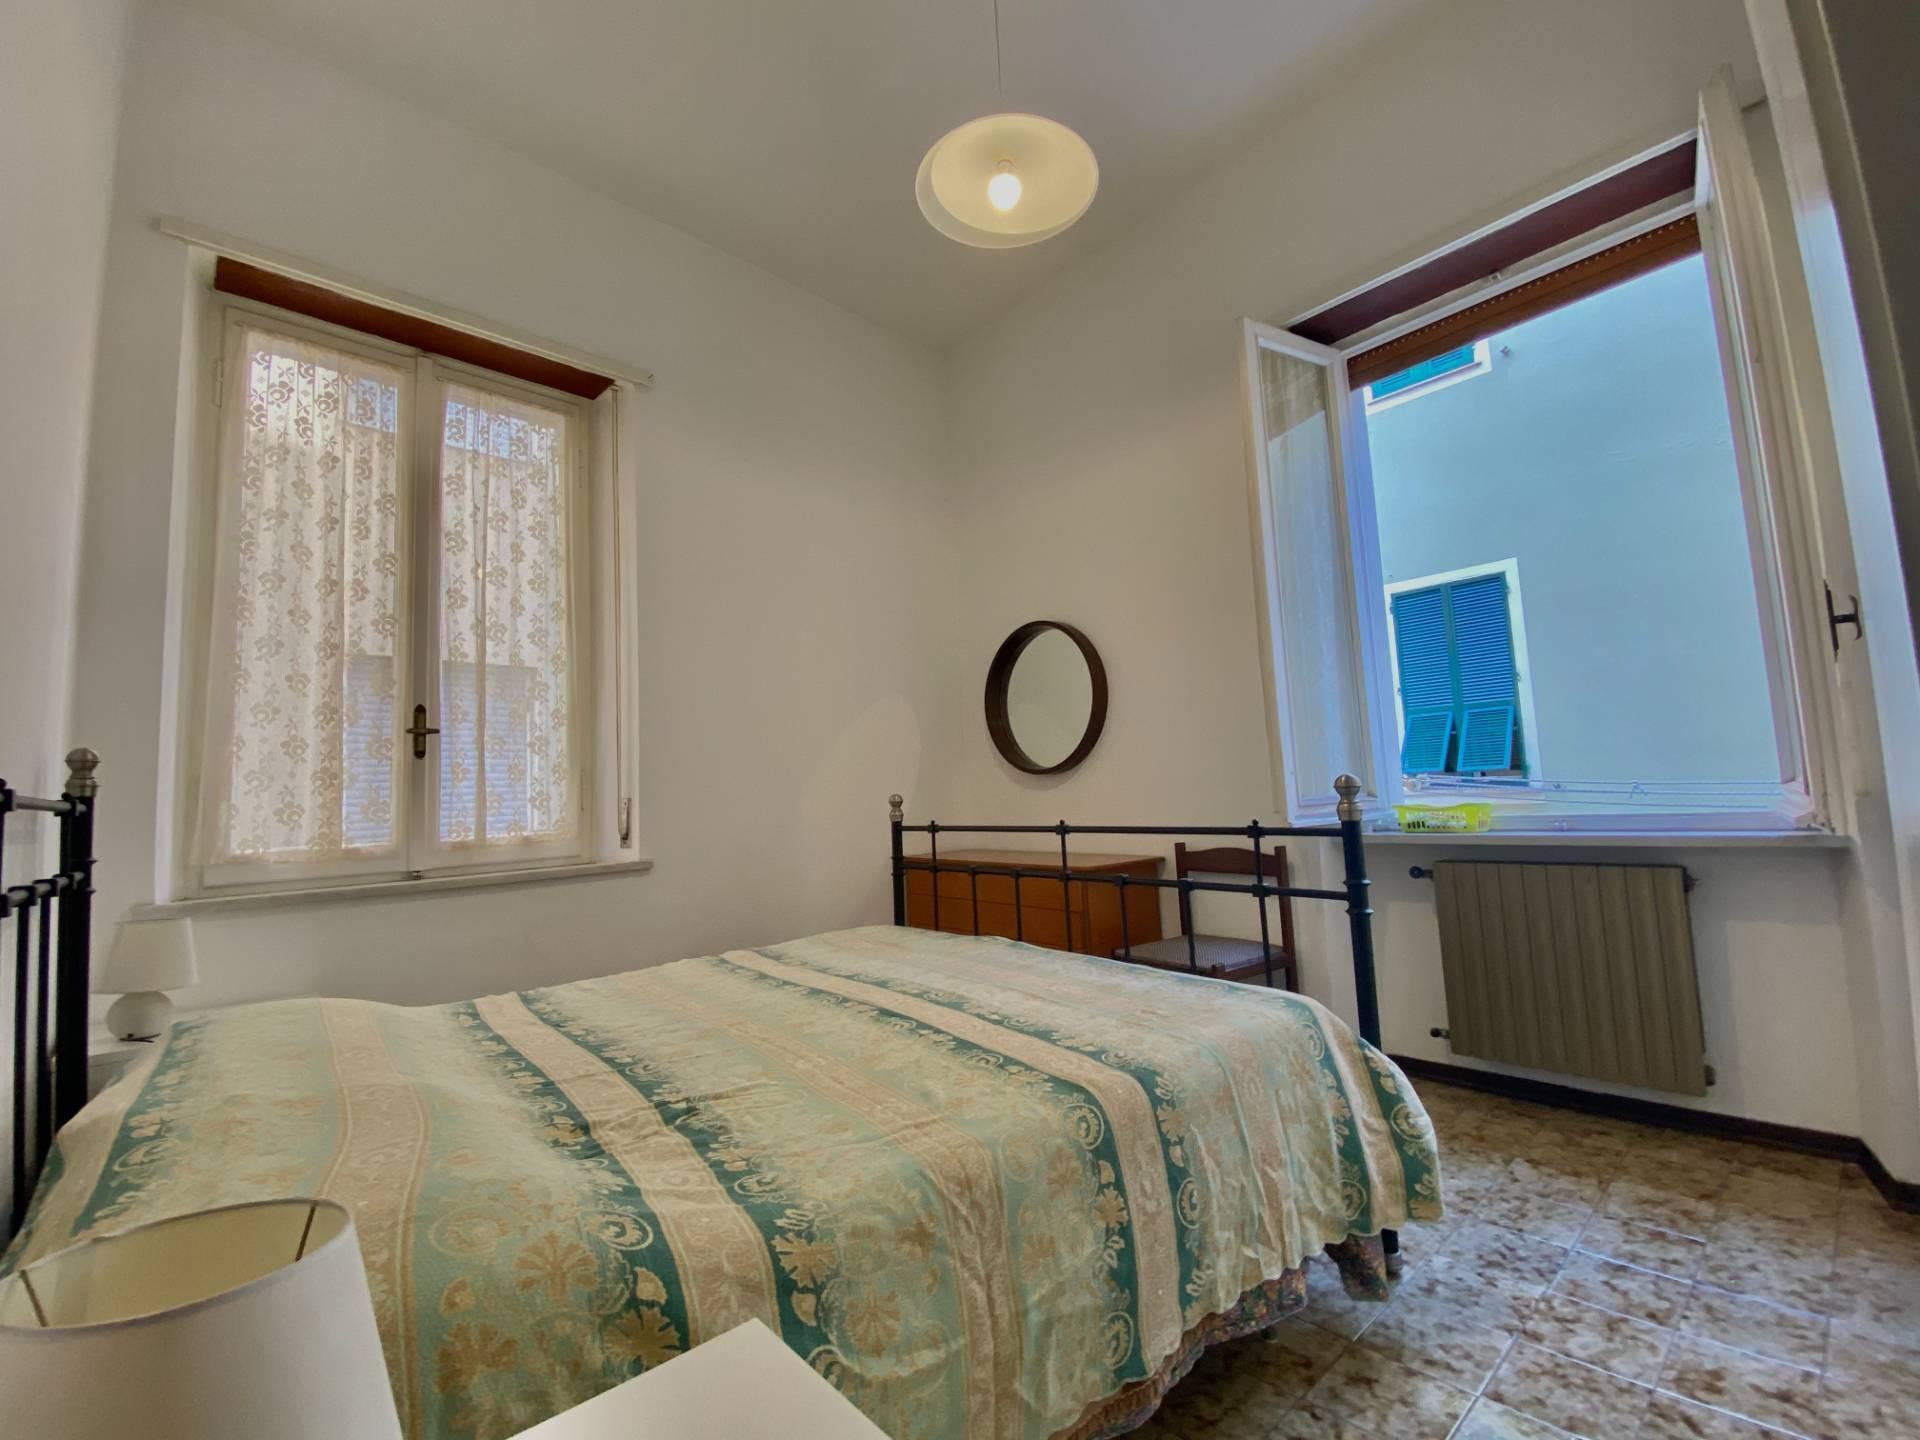 Appartamento in affitto a Albissola Marina, 2 locali, prezzo € 500 | PortaleAgenzieImmobiliari.it